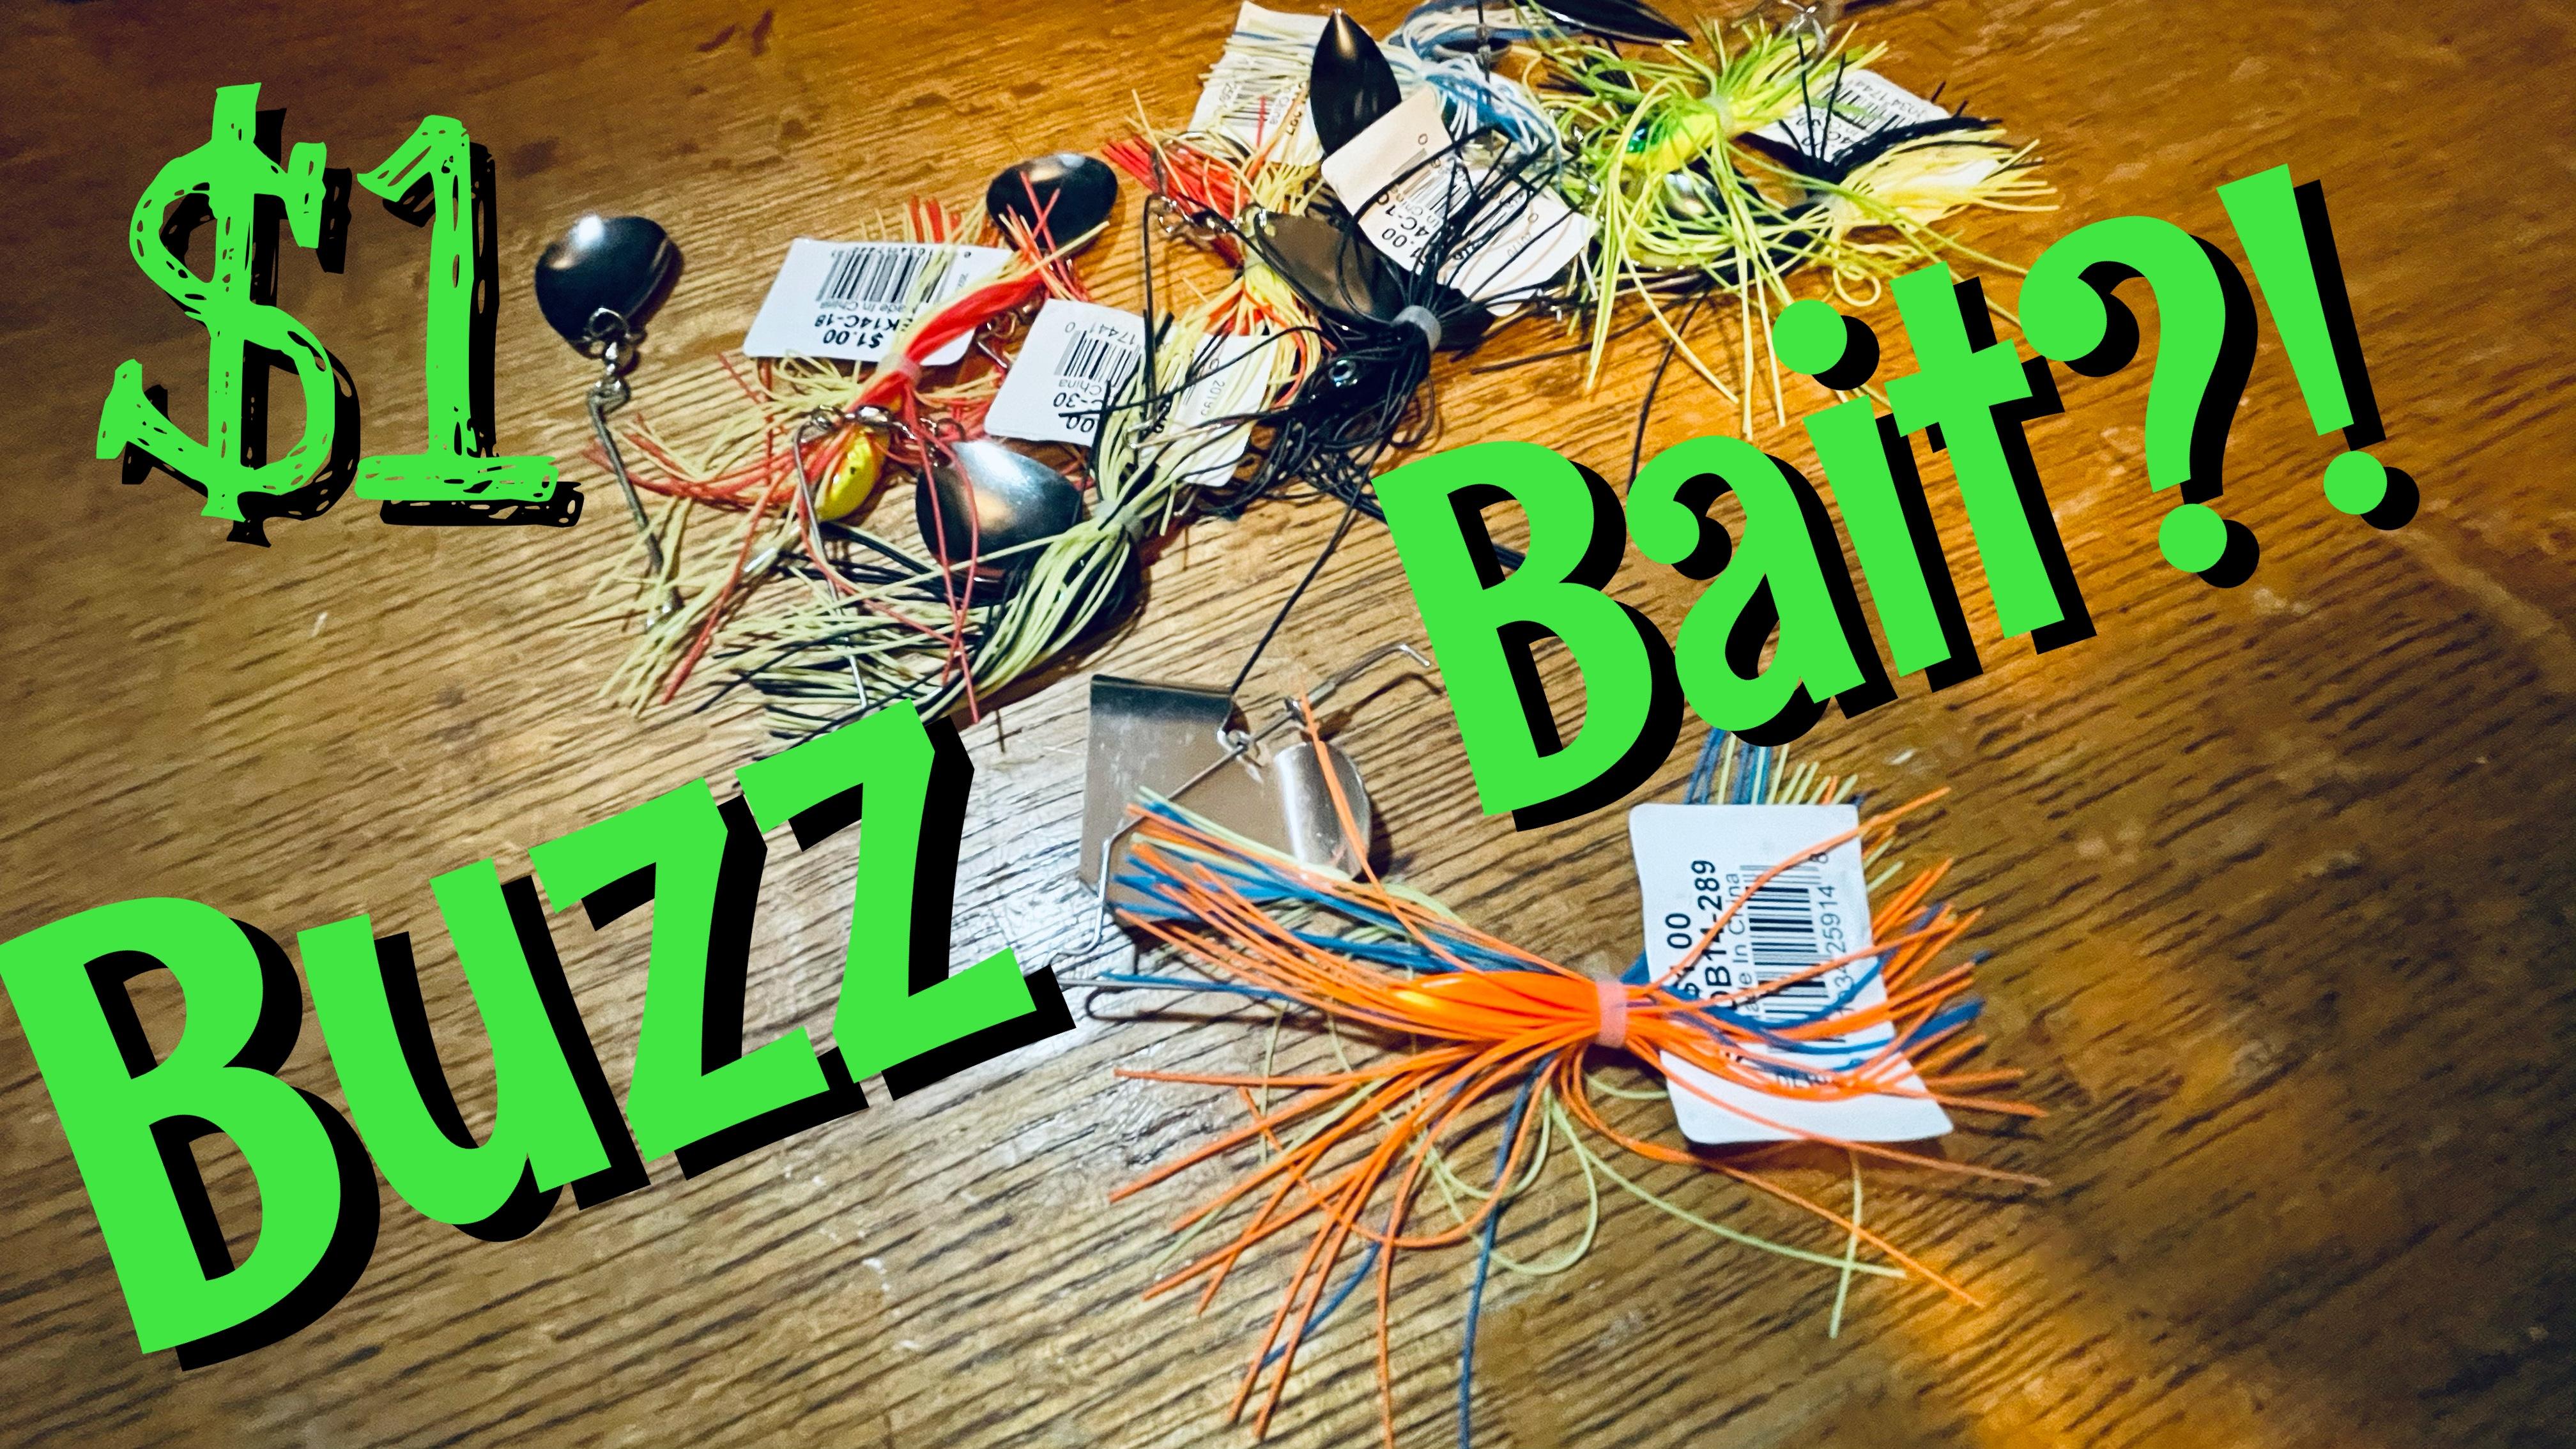 $1 Buzz Bait